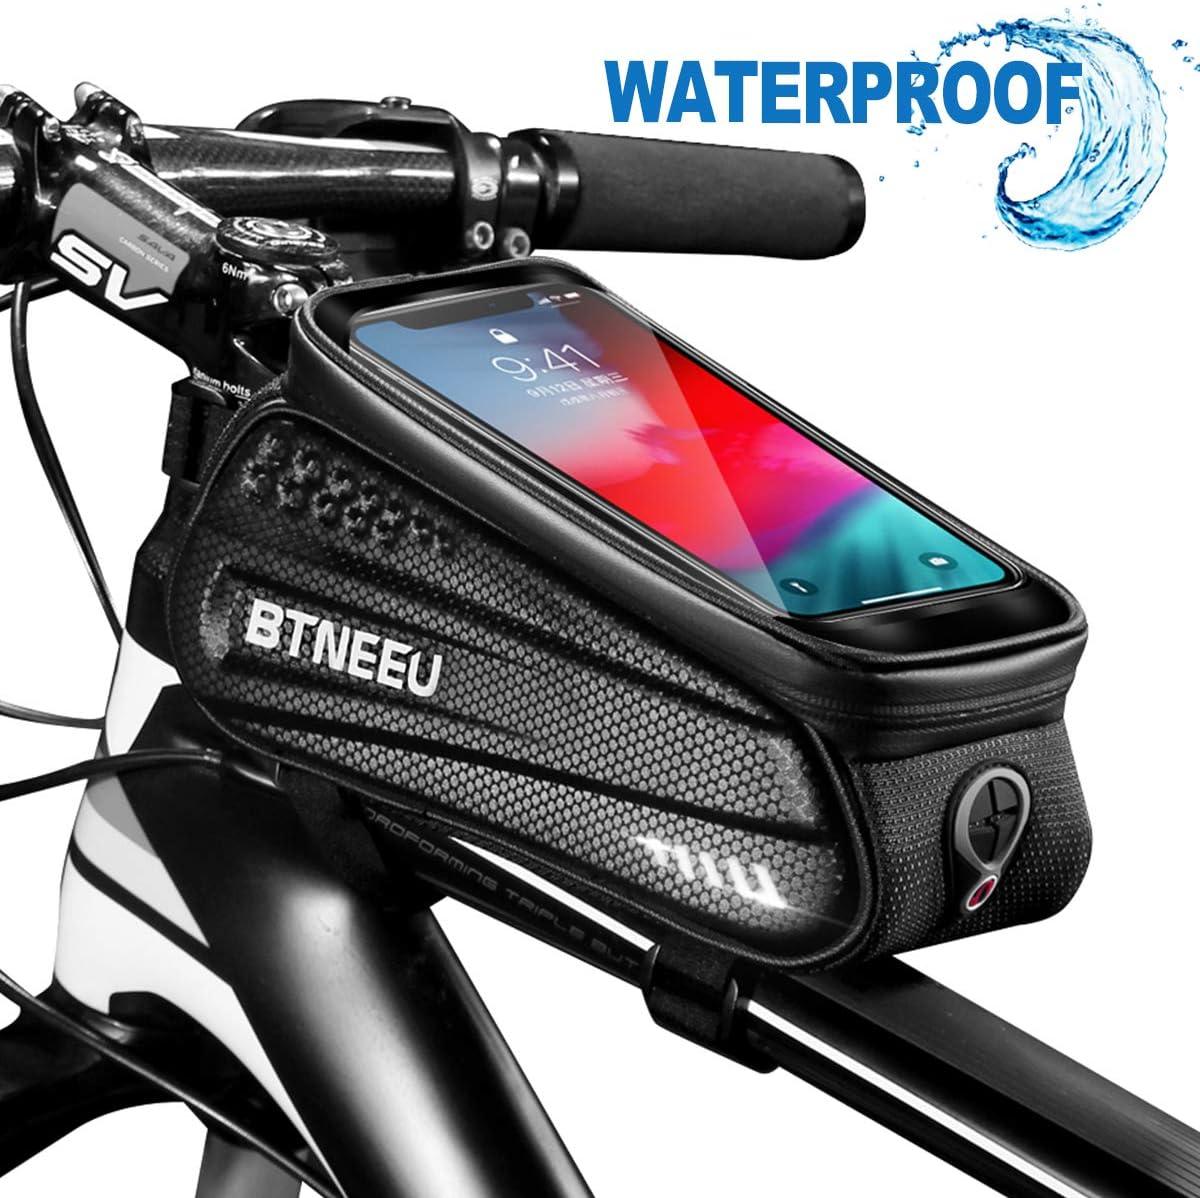 BTNEEU Bolsa Cuadro Bicicleta Impermeable con Pantalla Táctil, Bolsa Bicicleta Manillar Movil Bolsa Bicicleta Telefono Bolsa Tubo Bicicleta para iPhone Samsung Smartphone Menos de 6.5''